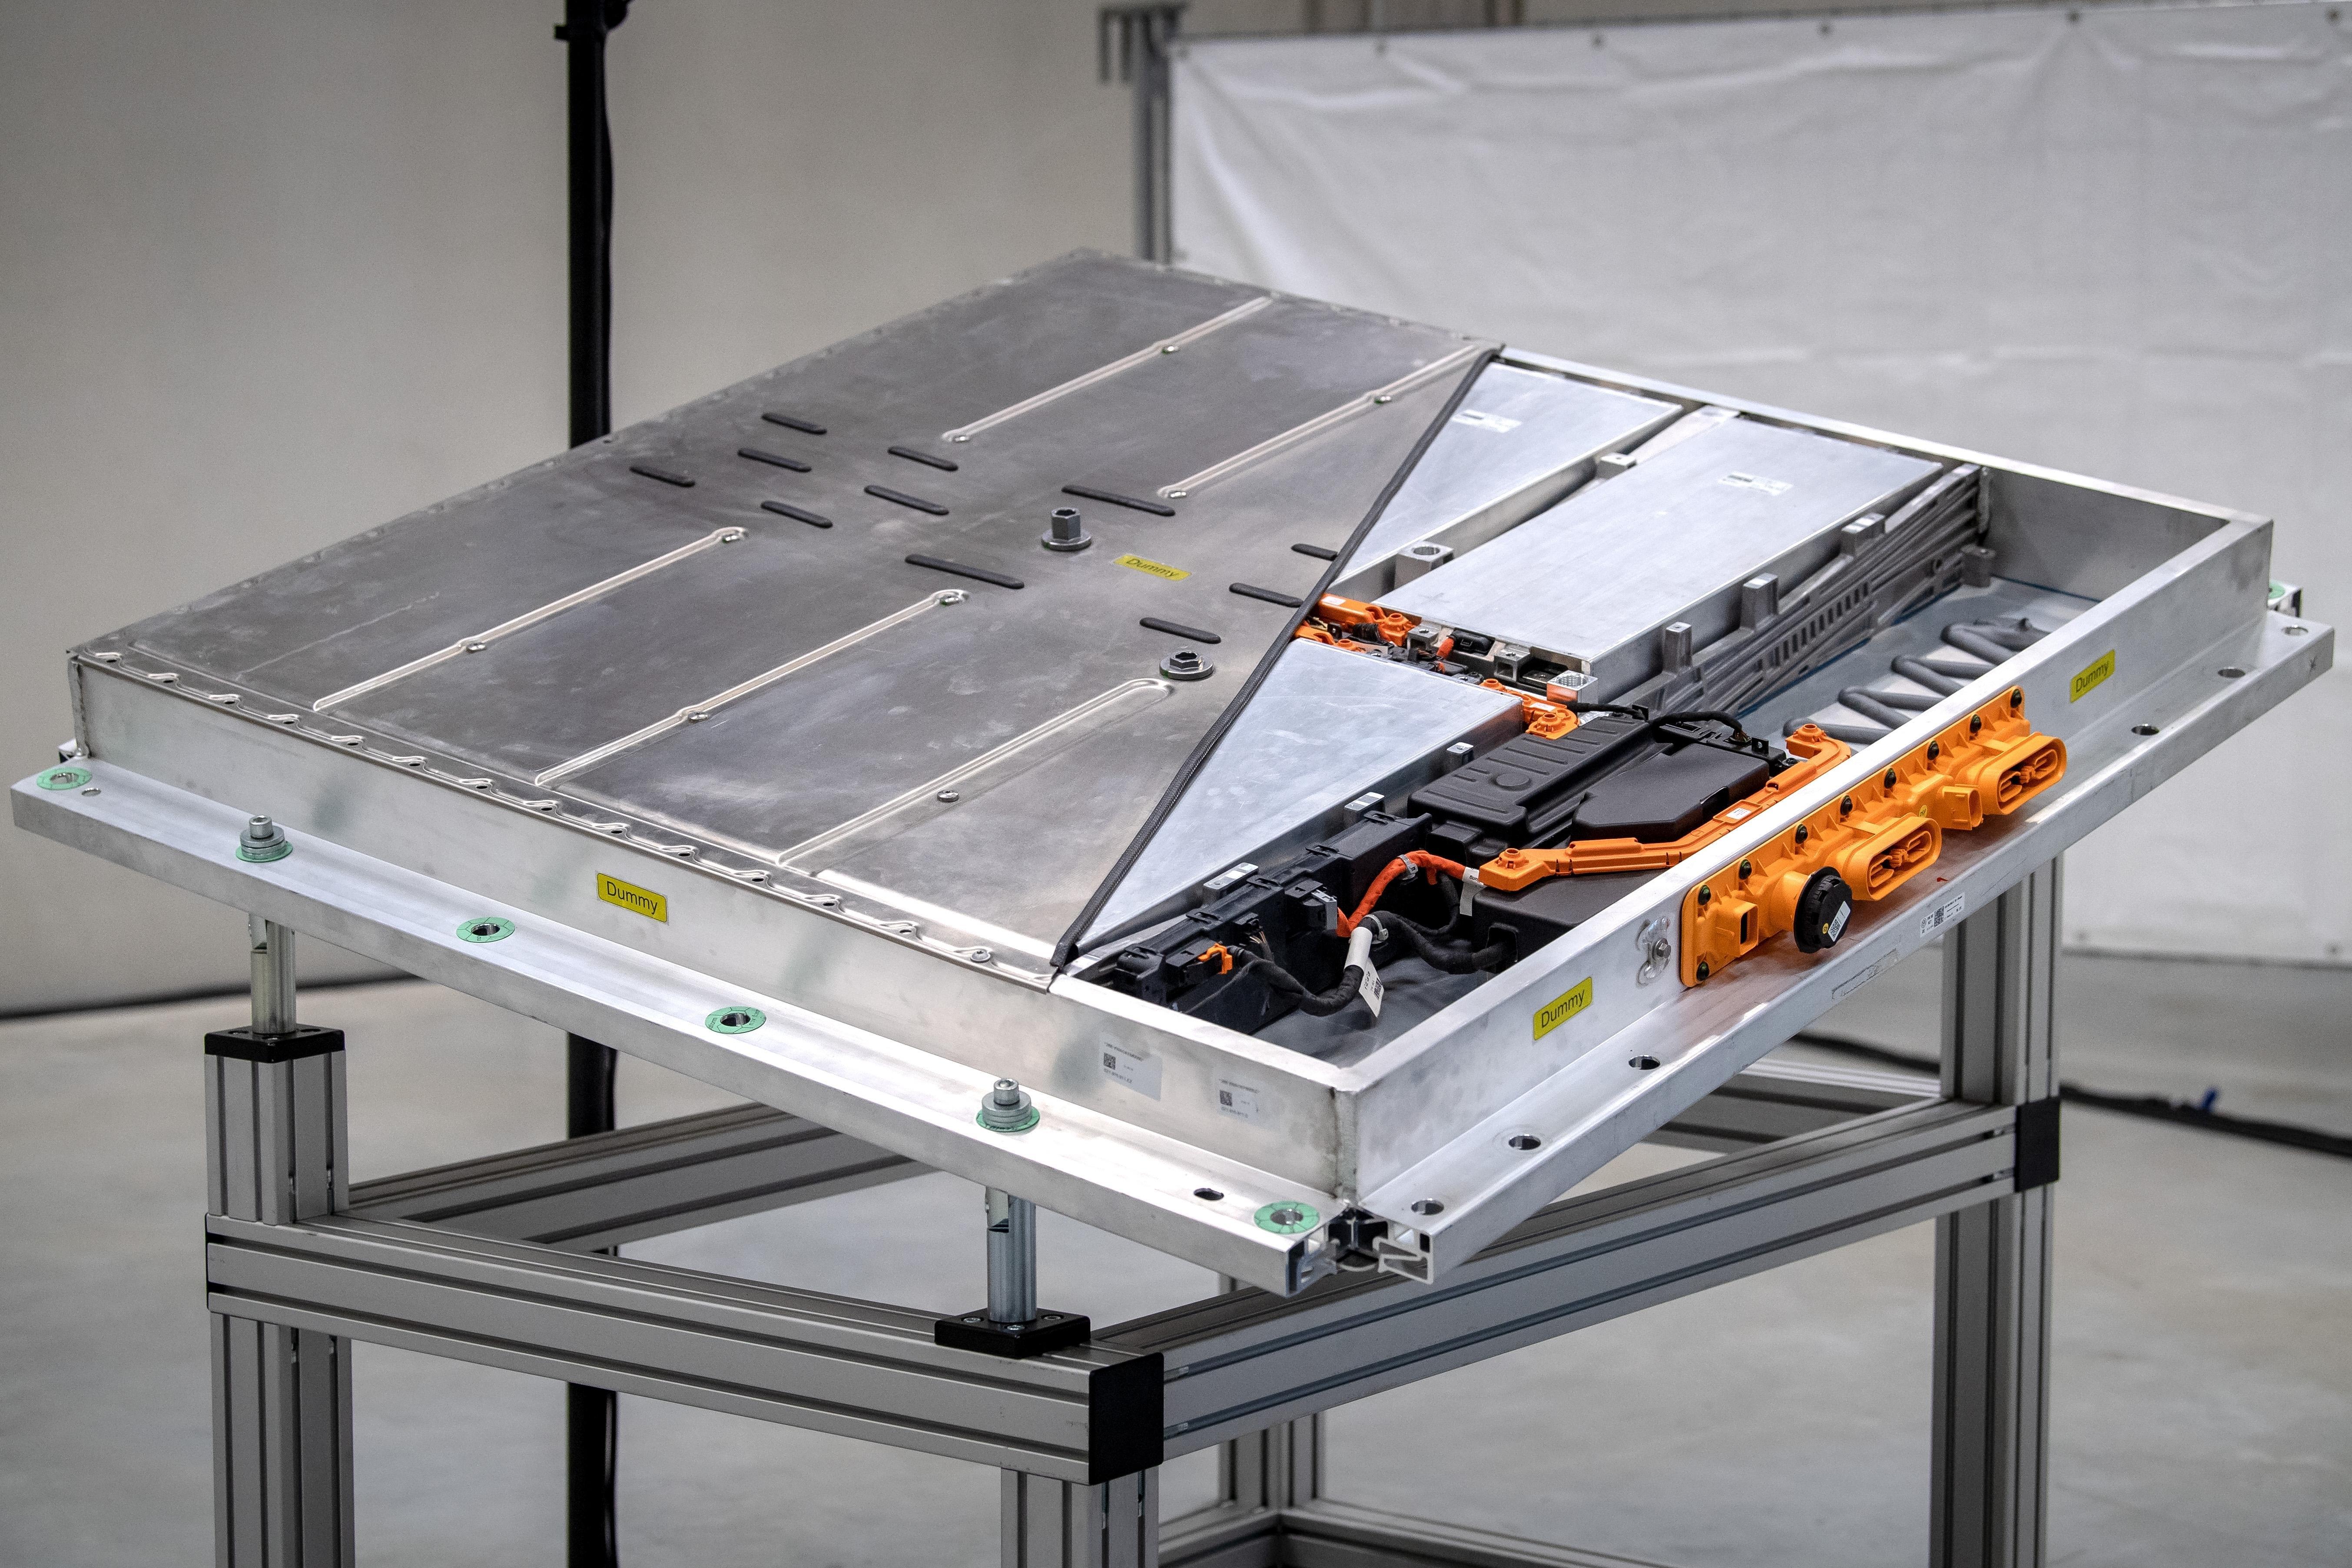 EU-Kommission billigt milliardenschwere Batterie-Förderung